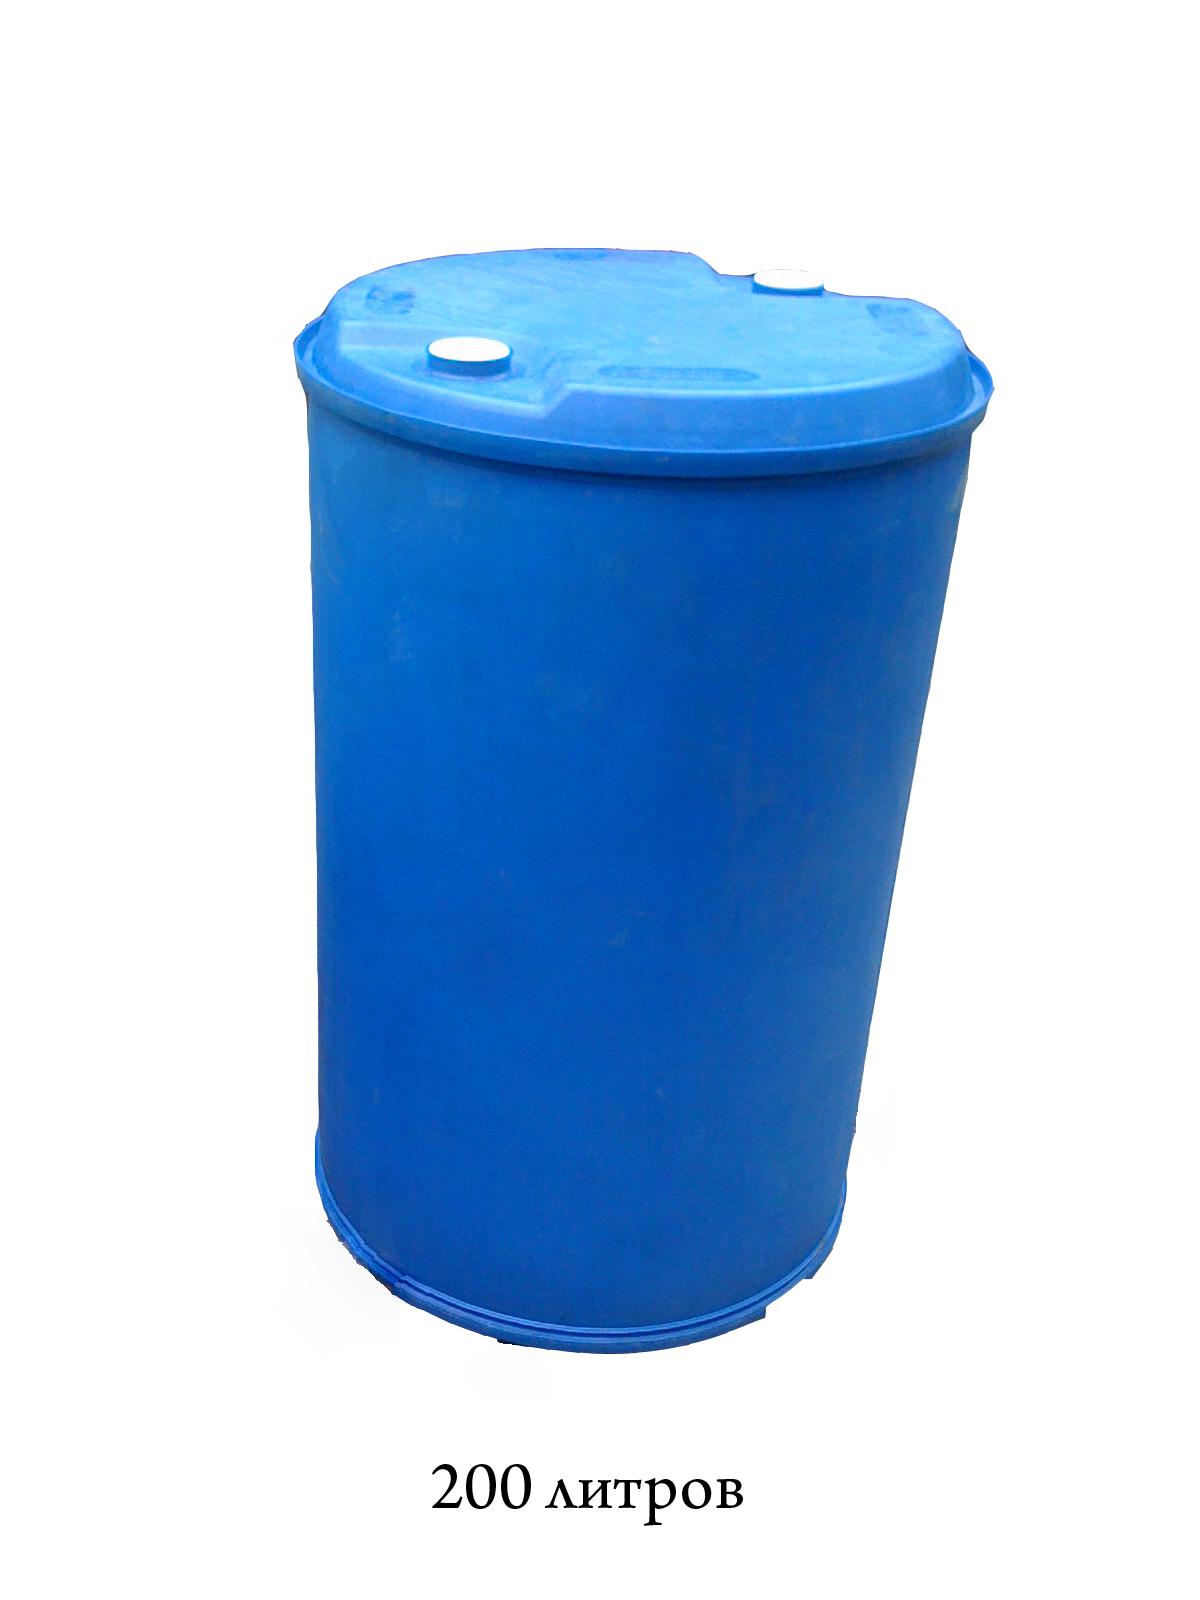 карту купить пластмассовую бочку 200 литров в леруа мерлен строение, историю